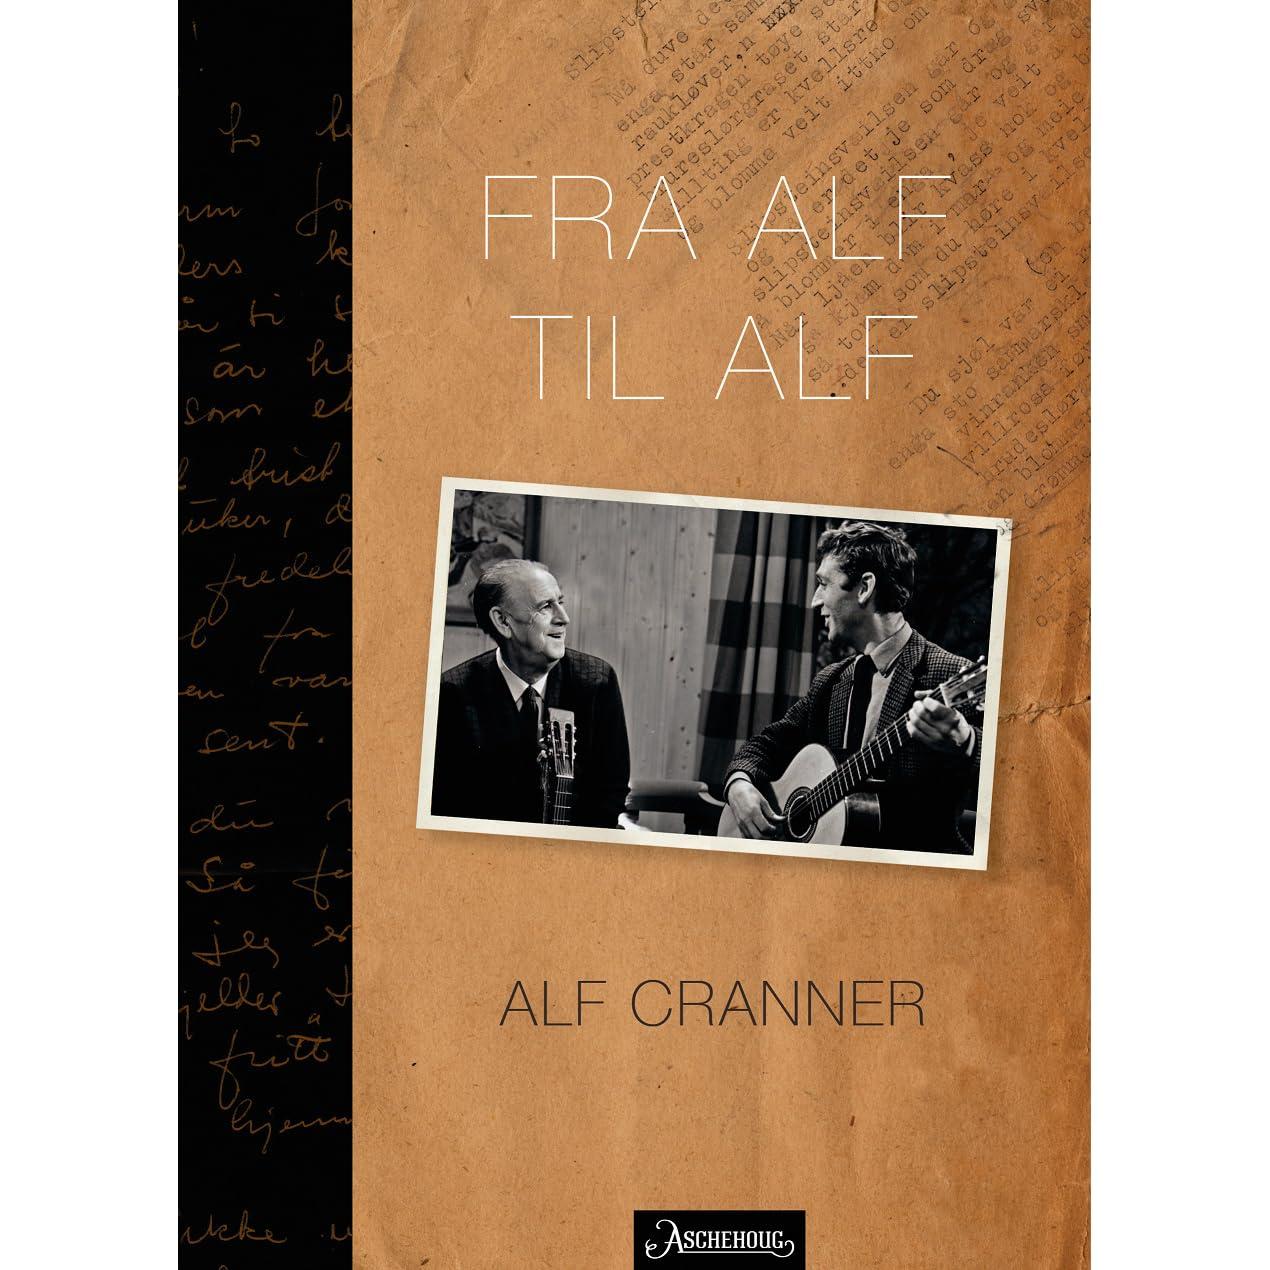 Fra Alf til Alf by Alf Cranner